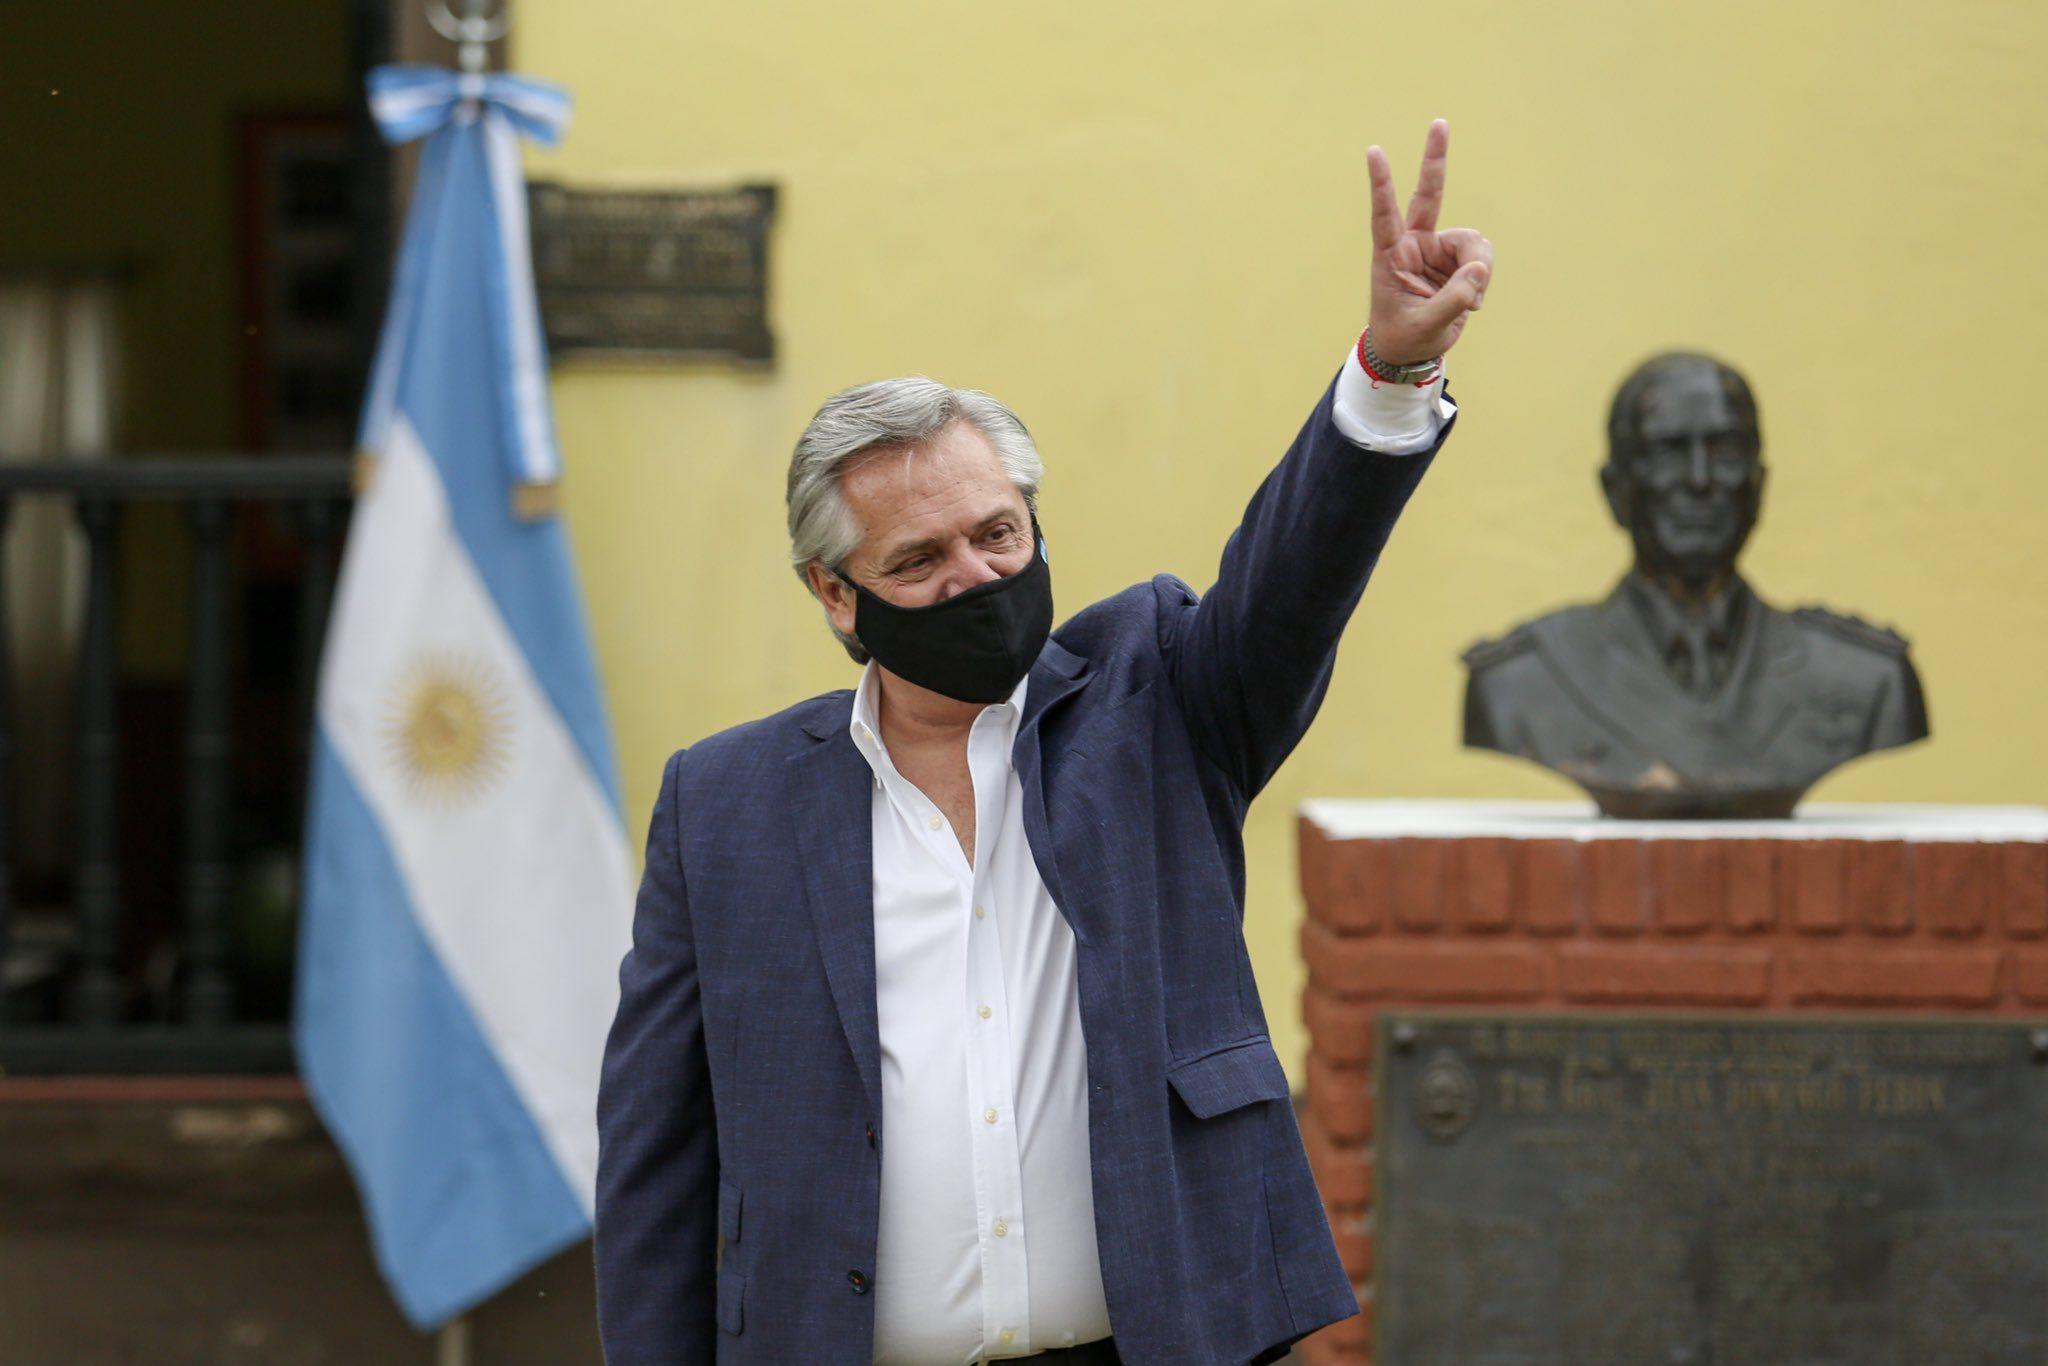 El Gobierno Nacional no hará el acto del Día de la Lealtad, el cual iba a encabezar  Alberto Fernández